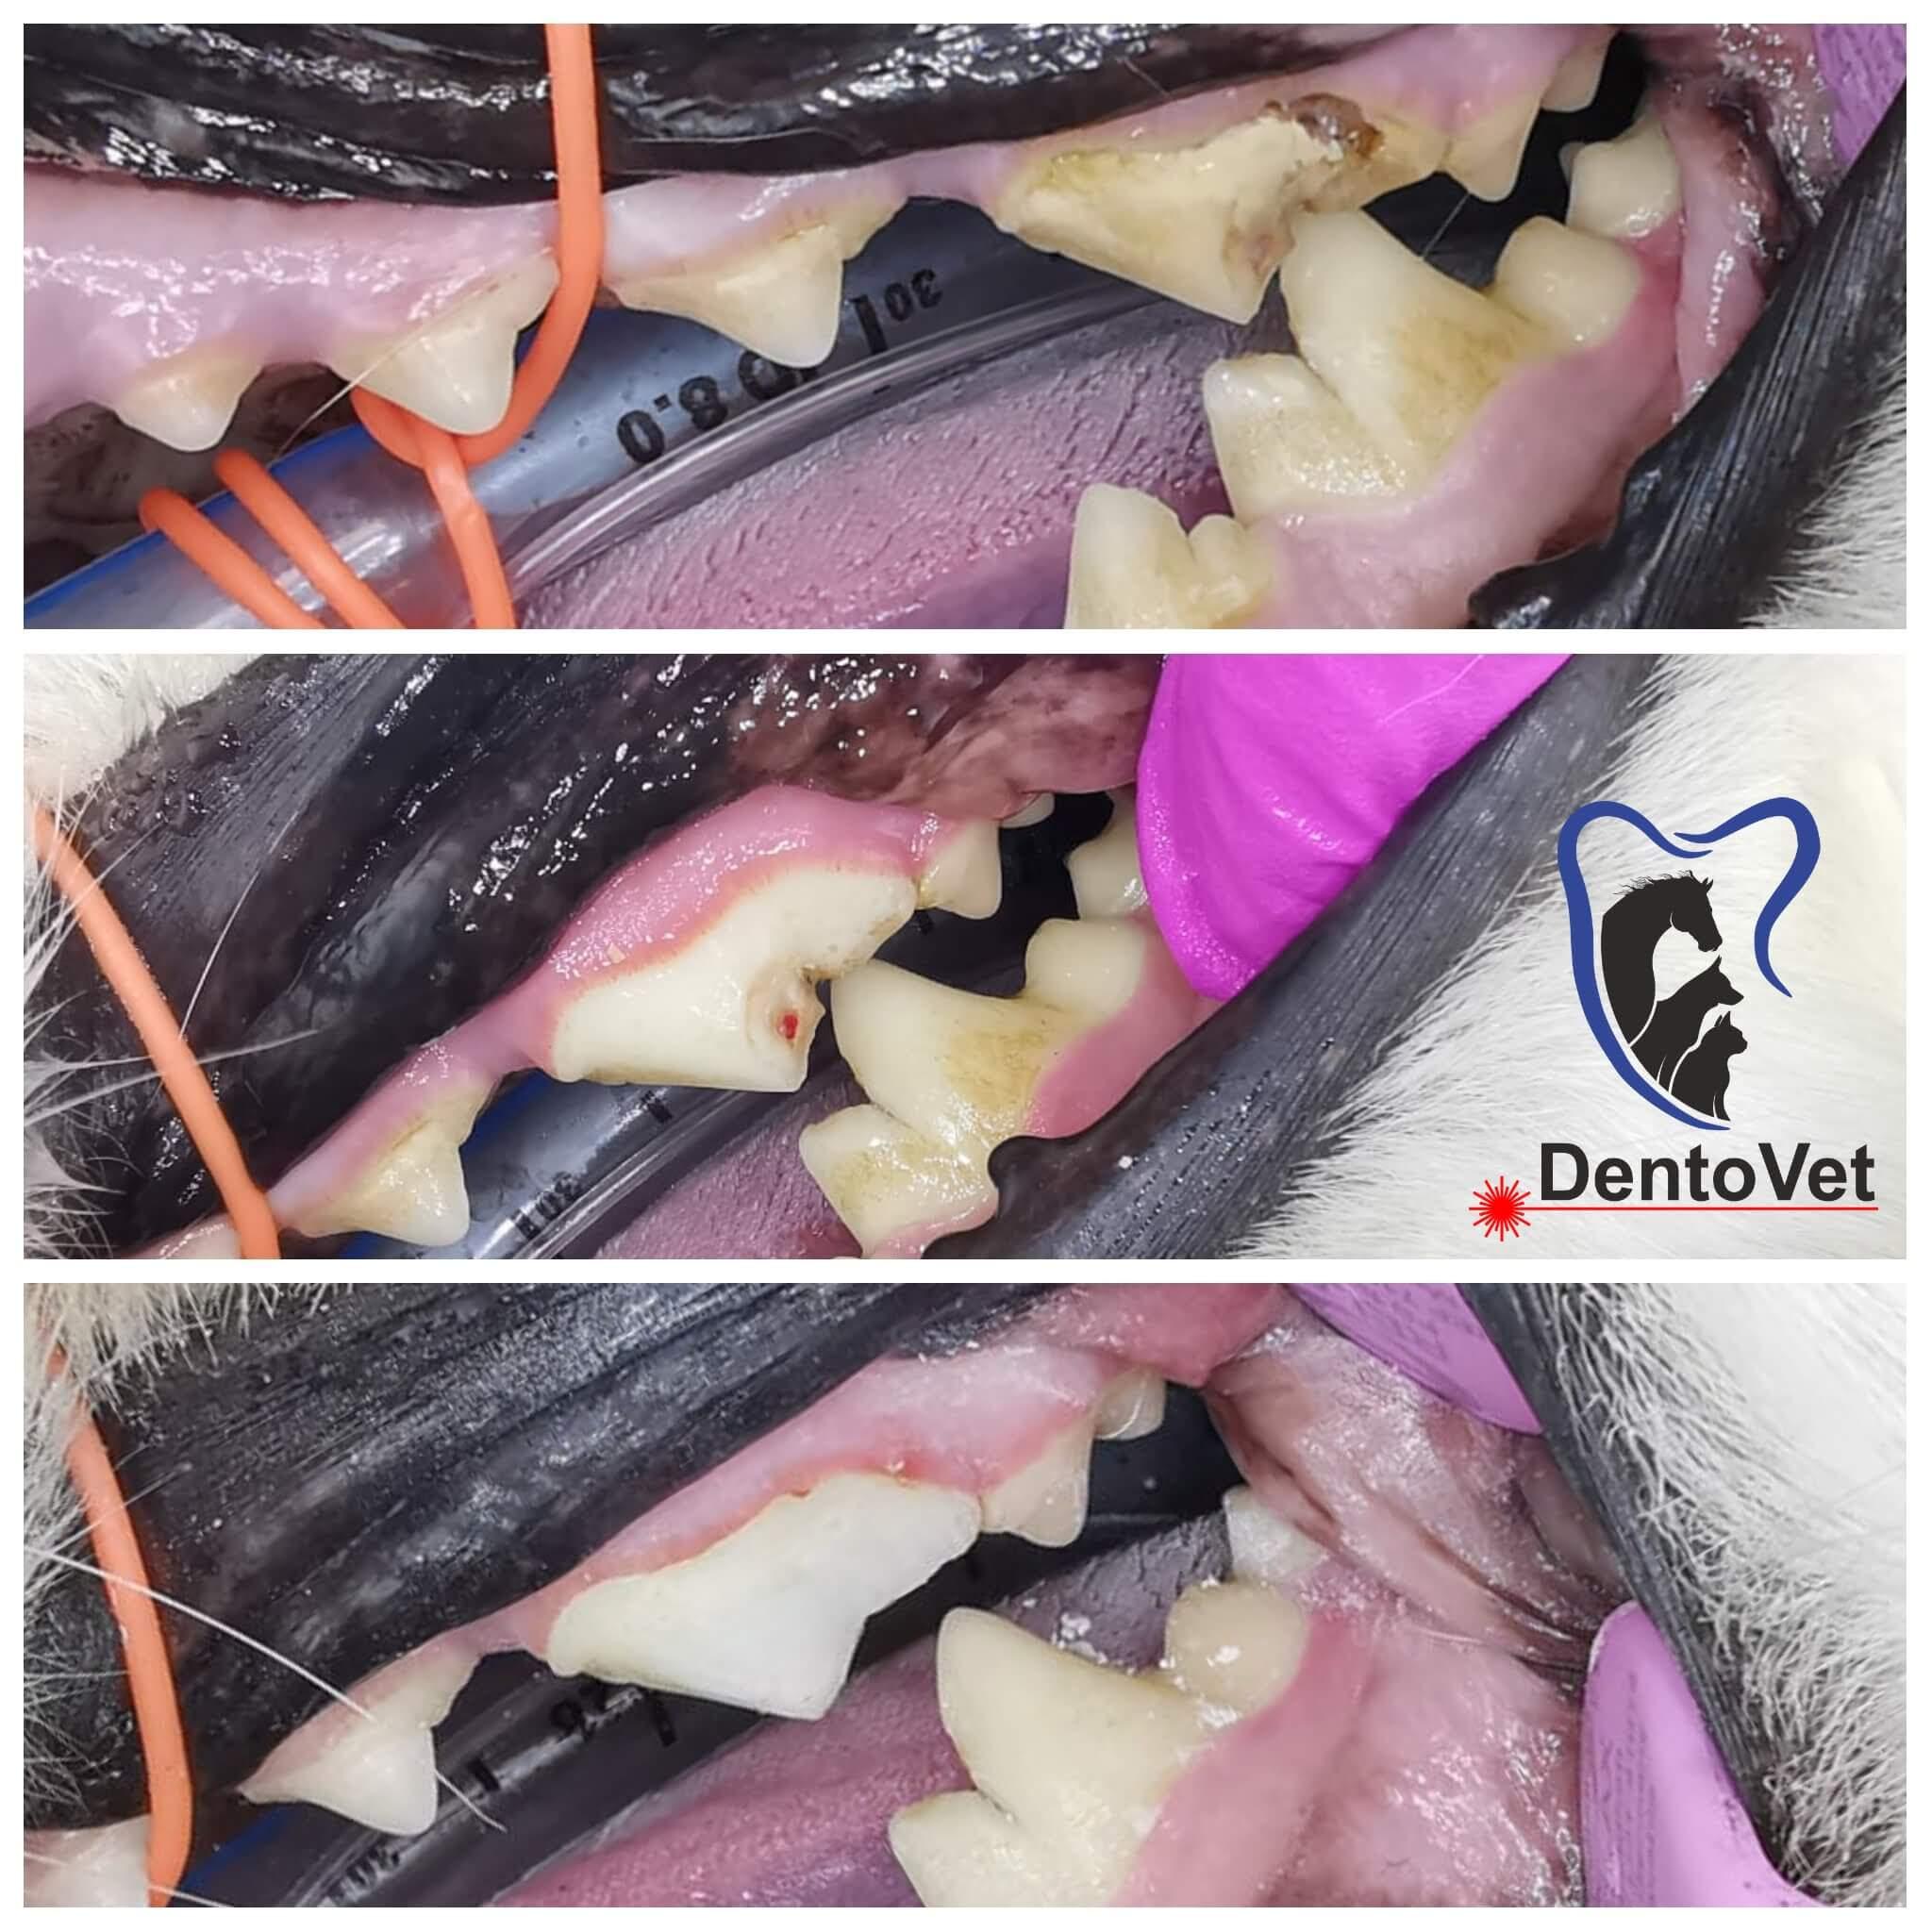 Patologiile orale - cazul 4 foto 1